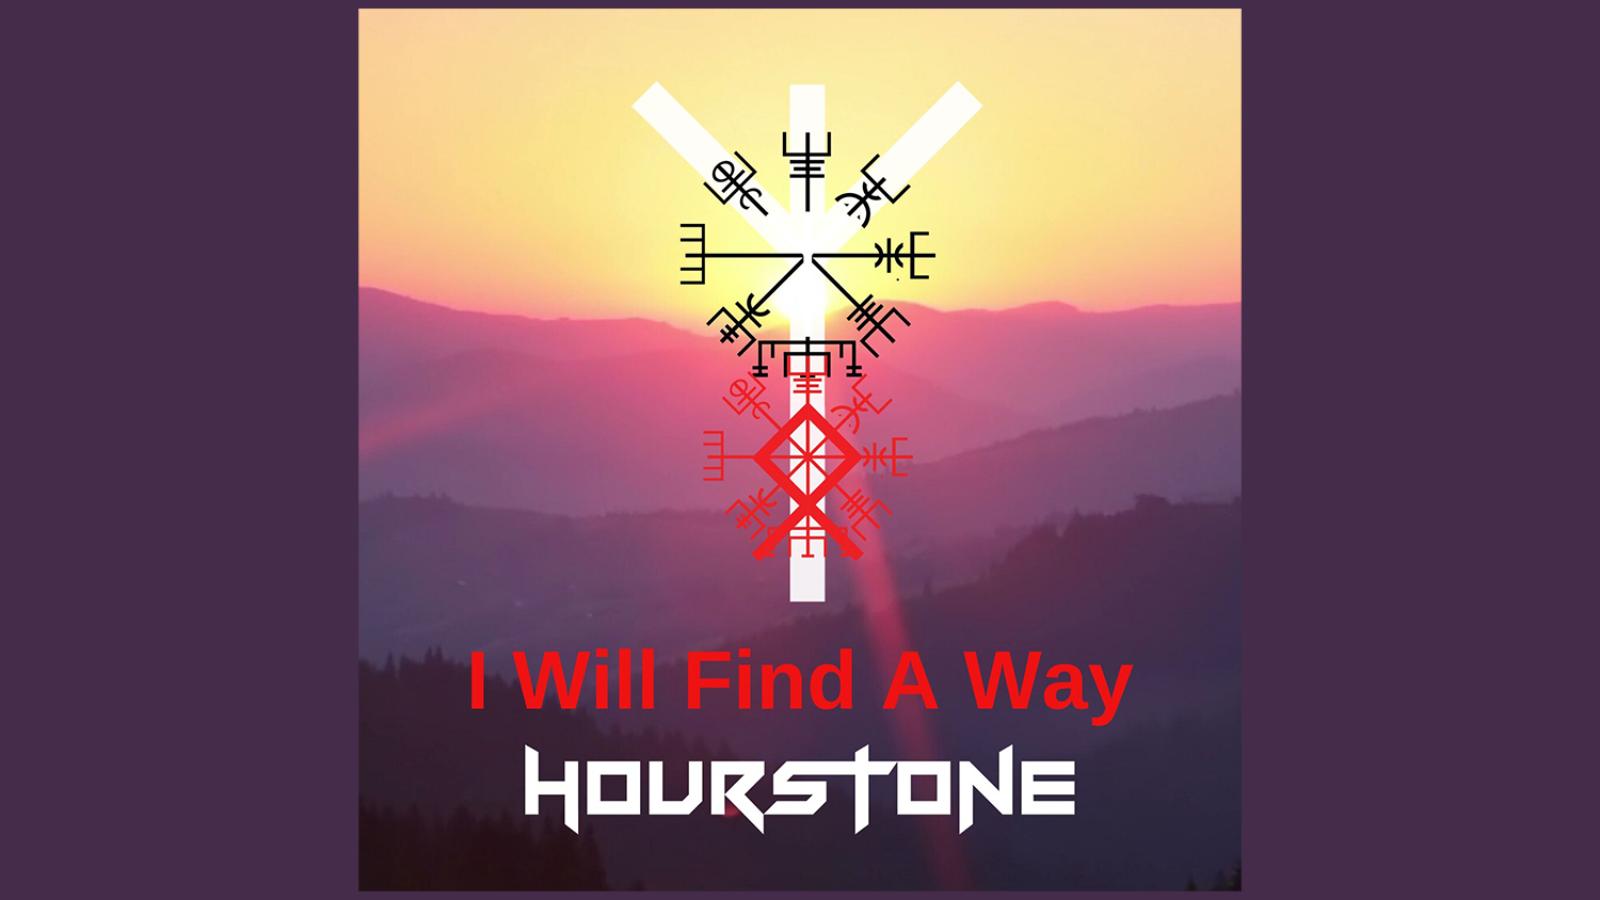 hourstone